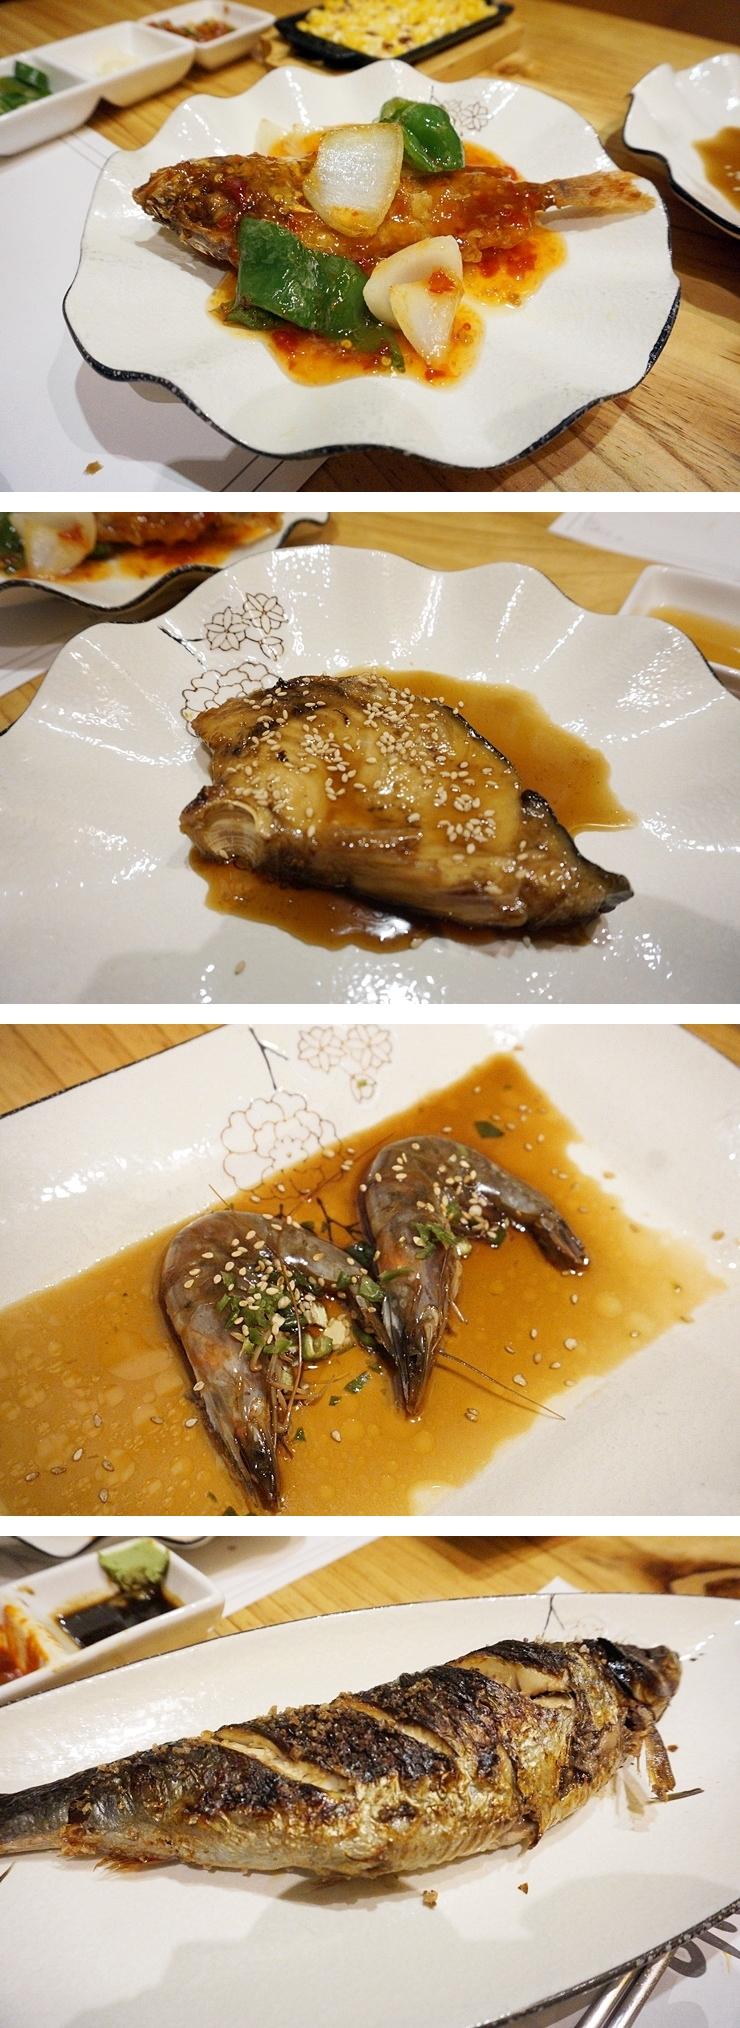 생선탕수, 새우장, 메로간장조림, 청어구이